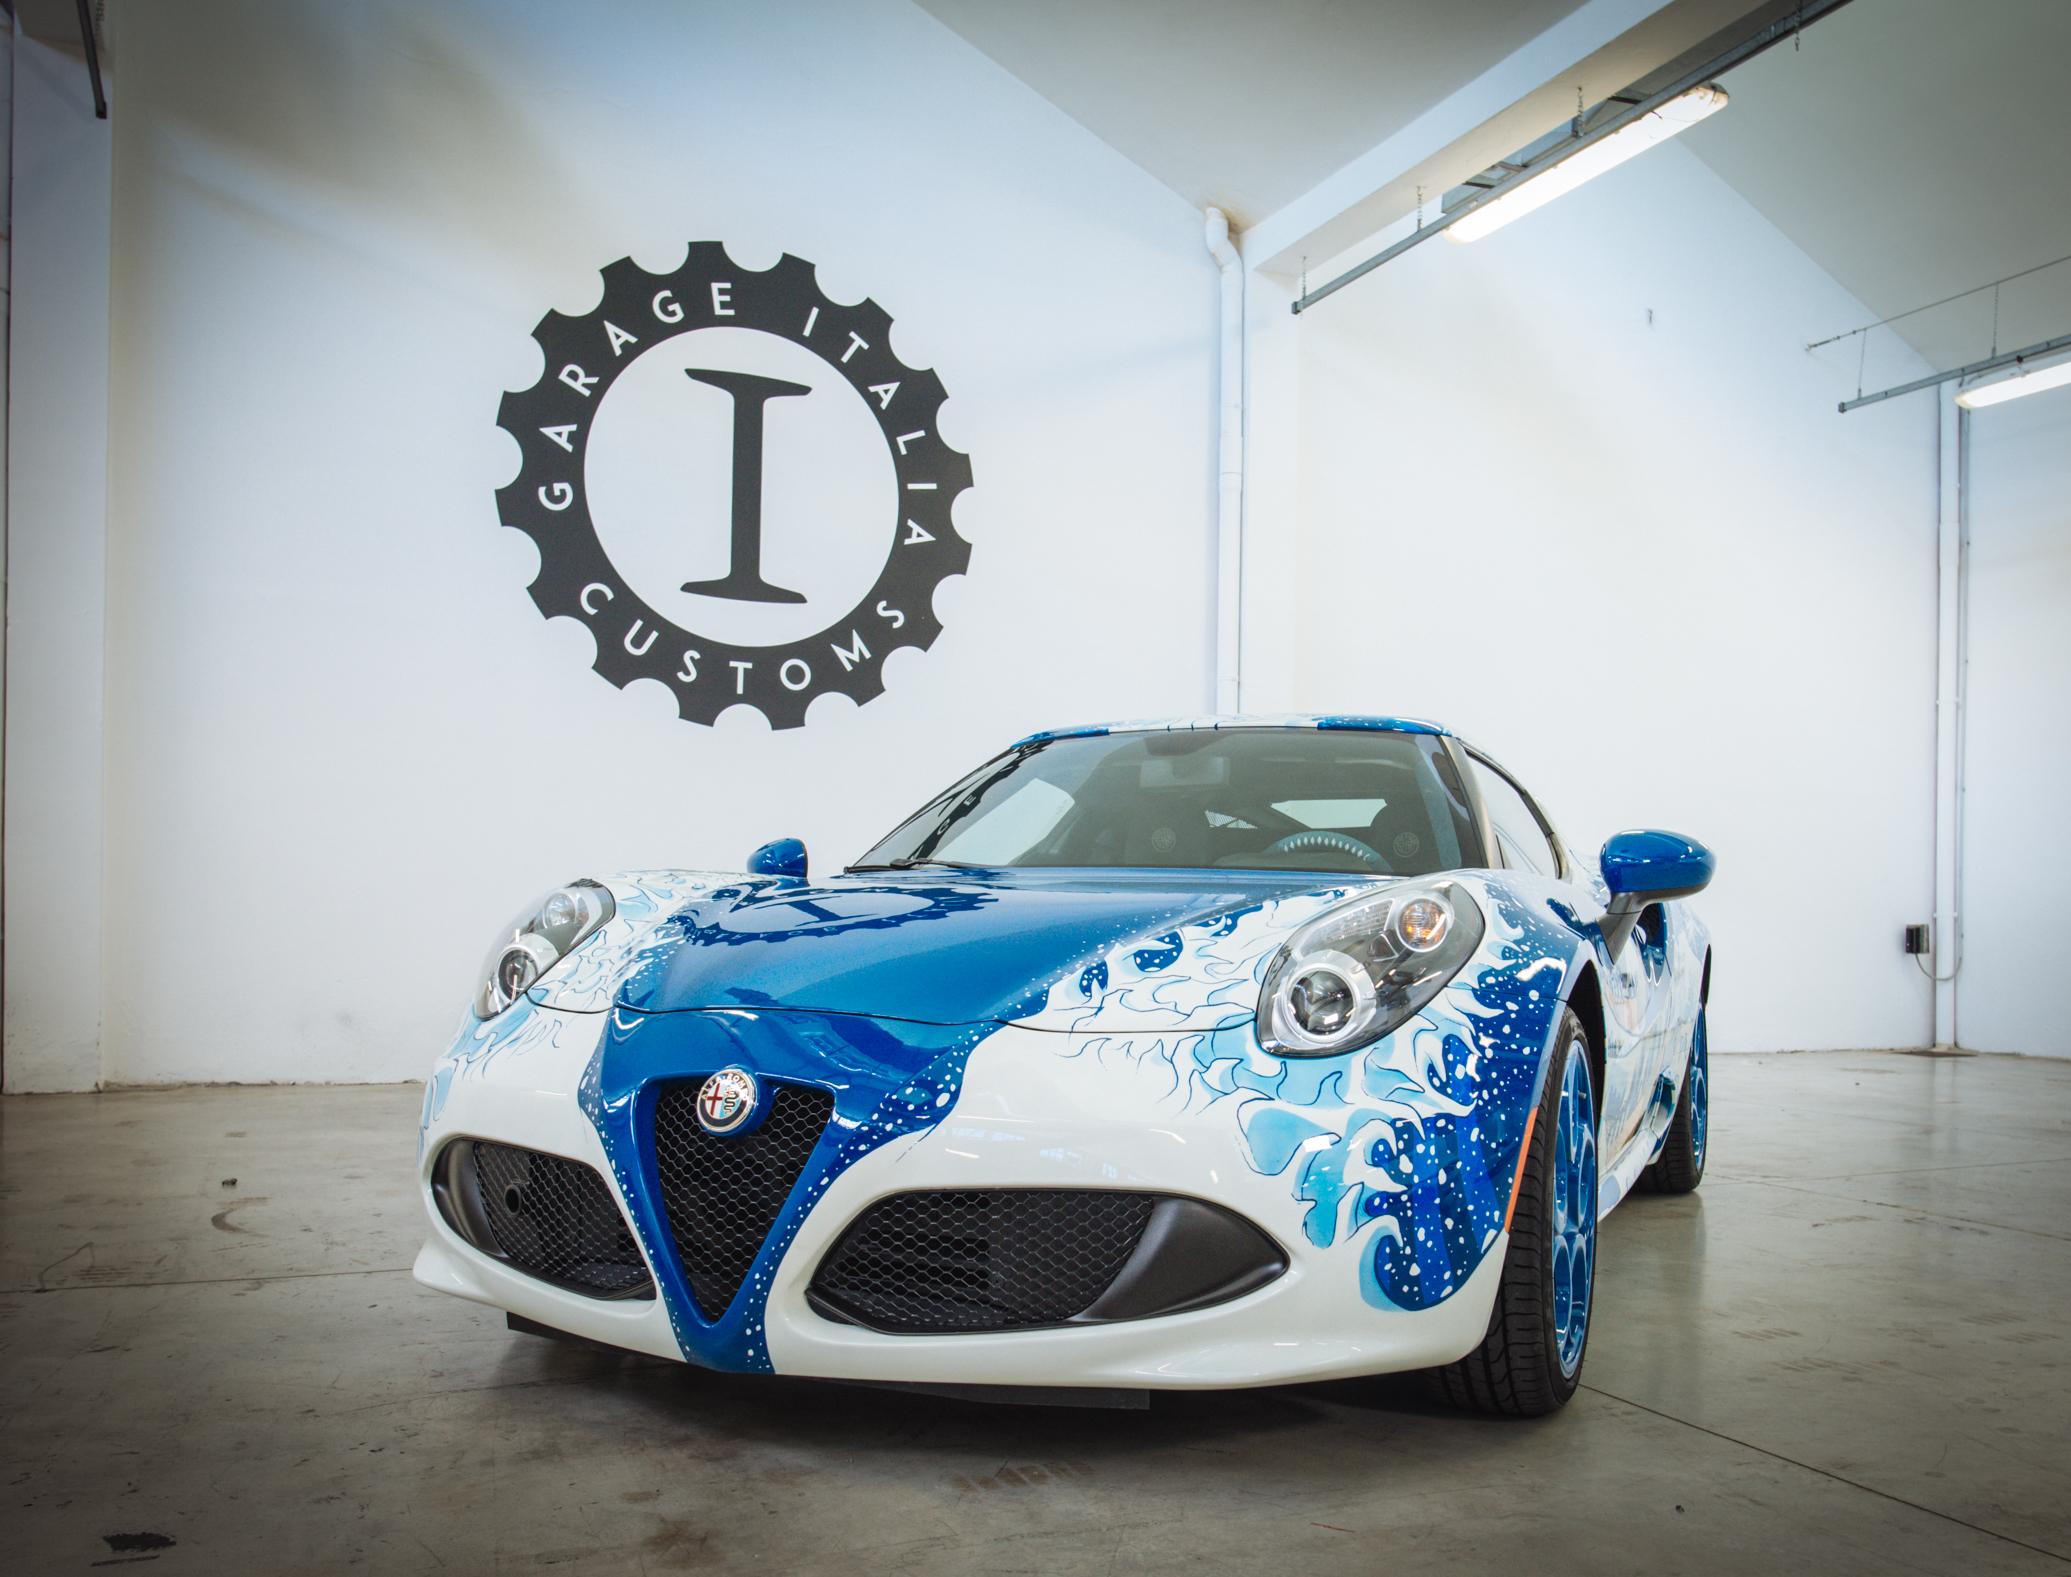 """Garage Italia Customs ha presentato l'Alfa Romeo 4C Hokusai che sarà alla mostra Piston Head II: Artists Engage The Automobile nella galleria Venus di Los Angeles. La 4C Hokusai vuole essere la celebrazione dell'incontro tra la cultura giapponese e quella italiana. La sportiva Alfa Romeo è stata scelta perché è un simbolo dell'italianità amata dai giapponesi, che da sempre sono grandi appassionati del marchio di Arese. Sulla sua carrozzeria è stata aerografata a mano l'opera giapponese più conosciuta al mondo, """"La Grande Onda"""" del Maestro Katsushika Hokusai. Un'immagine che rimanda subito alla grandezza e alla forza della natura, in contrapposizione alla fragilità dell'uomo rappresentata dalle barche dei pescatori. L'onda domina tutta la parte posteriore della fiancata e l'intera superficie del tetto, seguendo sinuosamente le forme della quanto mai insolita """"tela"""". La livrea diventa così metafora dell'emozioni che travolgono il guidatore quando si trova al volante di una vettura Alfa Romeo dalle caratteristiche tecniche e dalle prestazioni di altissimo livello come quelle della 4C. Infine la scelta dei materiali per il rivestimento interno, come il denim giapponese Kubaro e la pelle Foglizzo che richiama le squame della carpa, sono un chiaro riferimento al Giappone, così come la particolare lavorazione della corona del volante e della leva del freno a mano che si ispira al Tsukamaki, l'arte di rivestire l'elsa della Katana."""